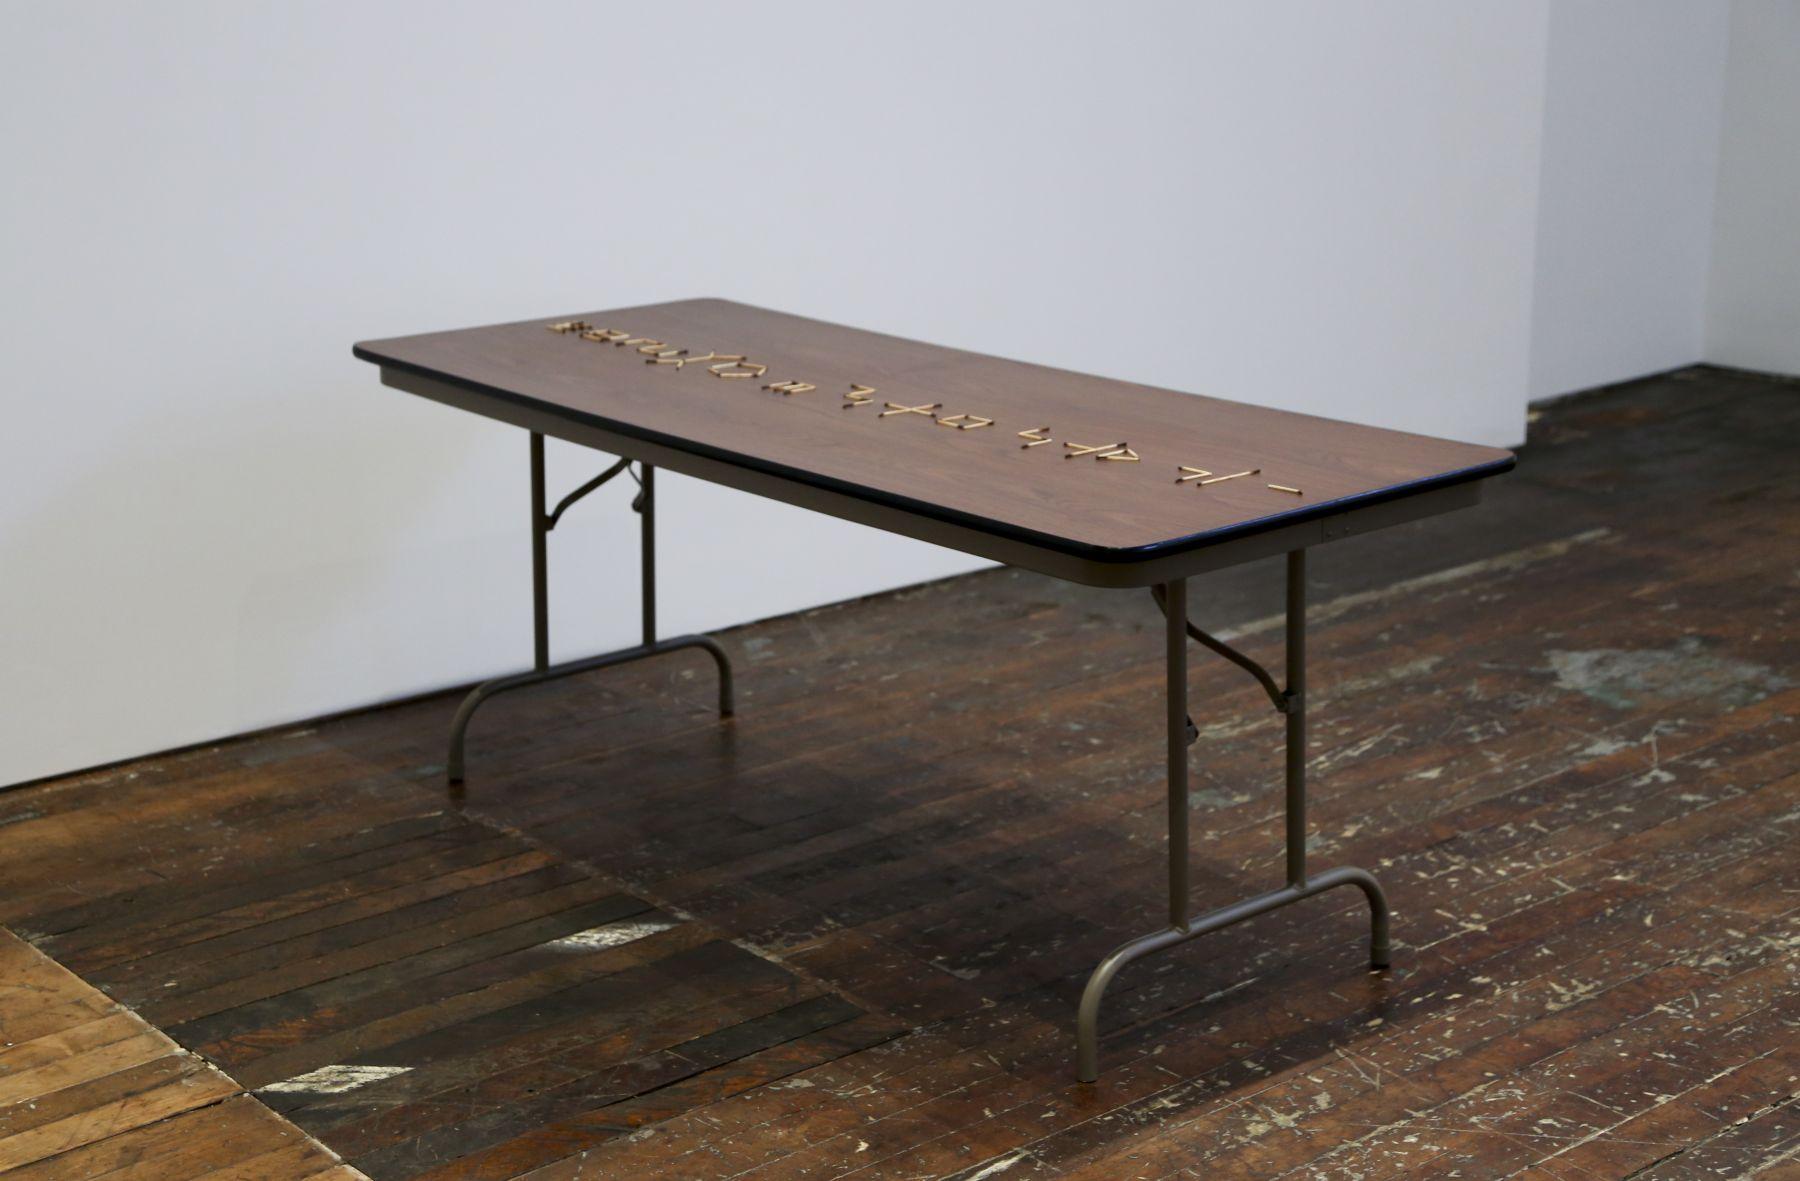 Mel Bochner, To Count: Transitive